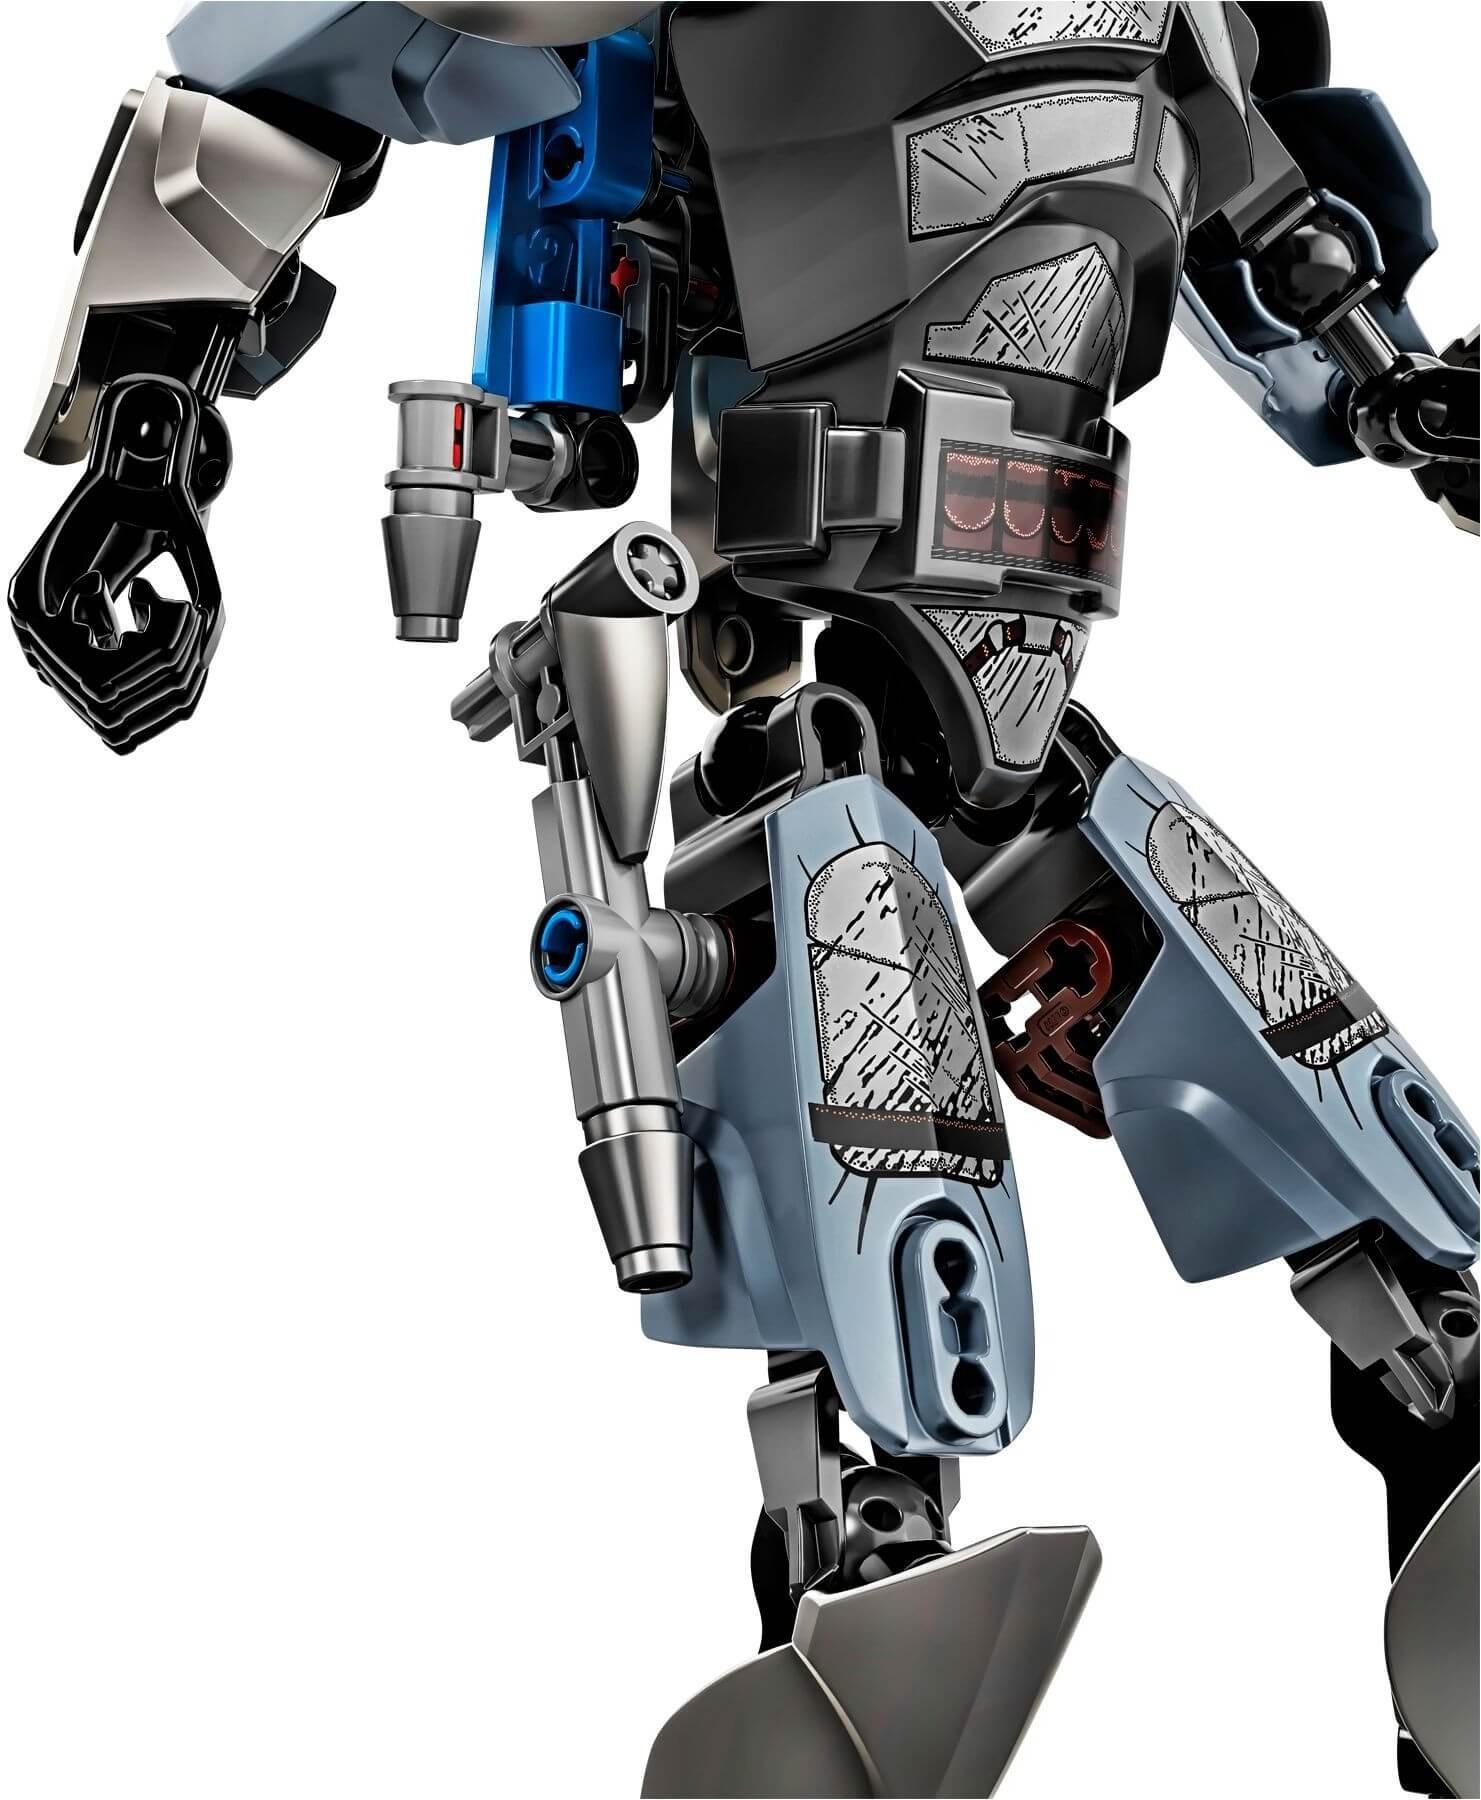 Mua đồ chơi LEGO 75107 - LEGO Star Wars 75107 - Mô hình Thợ săn Jango Fett (LEGO Star Wars Jango Fett 75107)